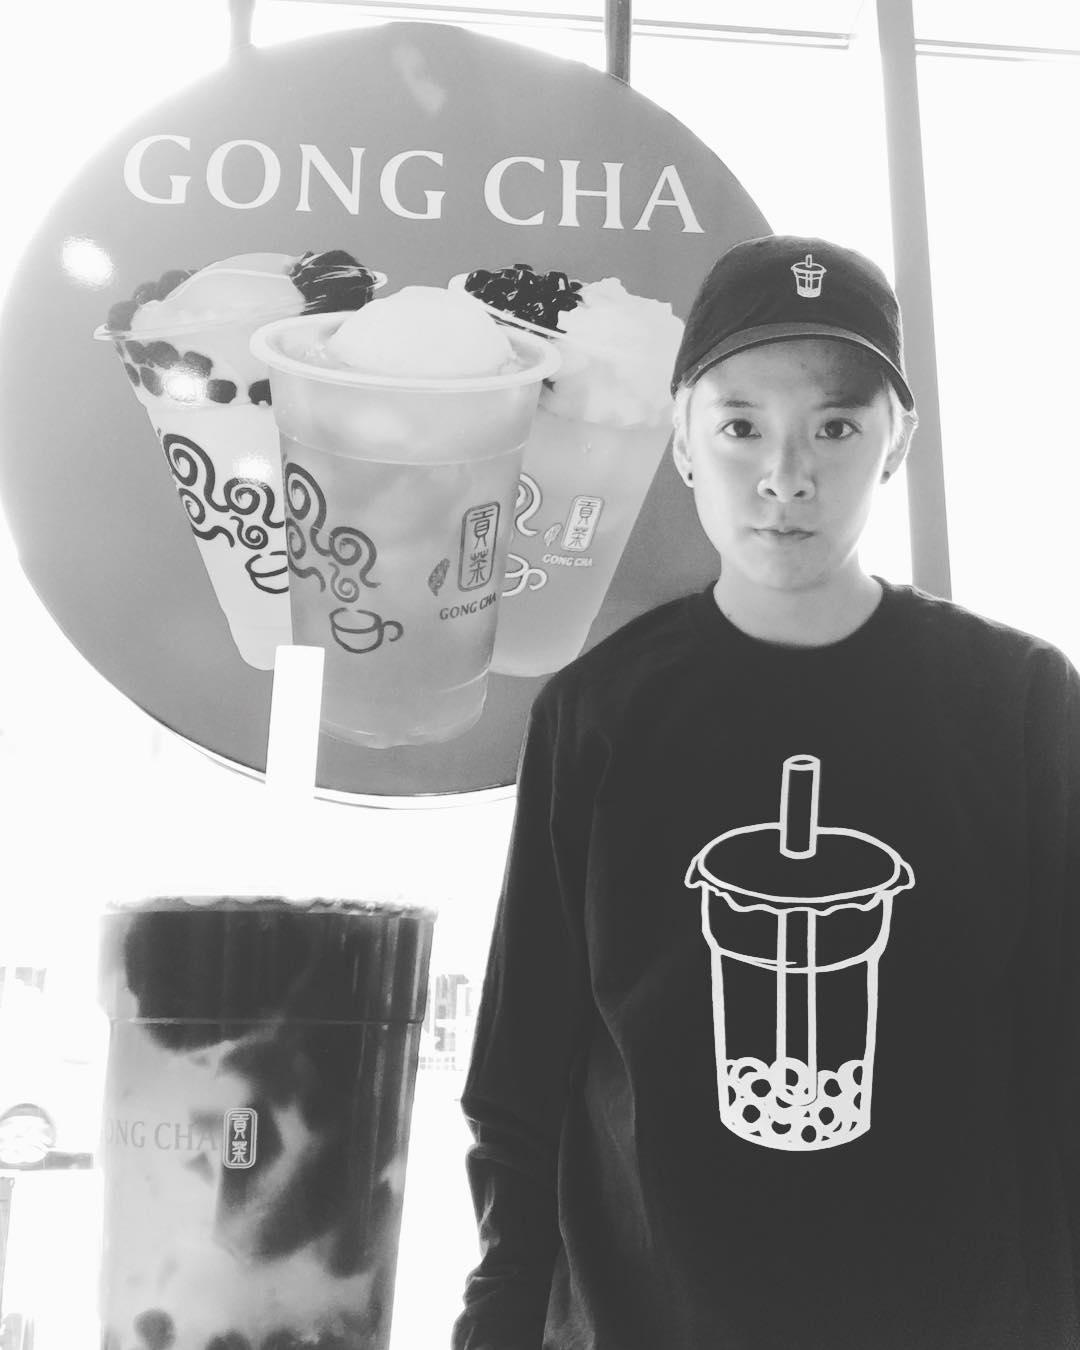 [分享]170725 无法放弃对奶茶的爱  T恤和背景都是奶茶的Amber